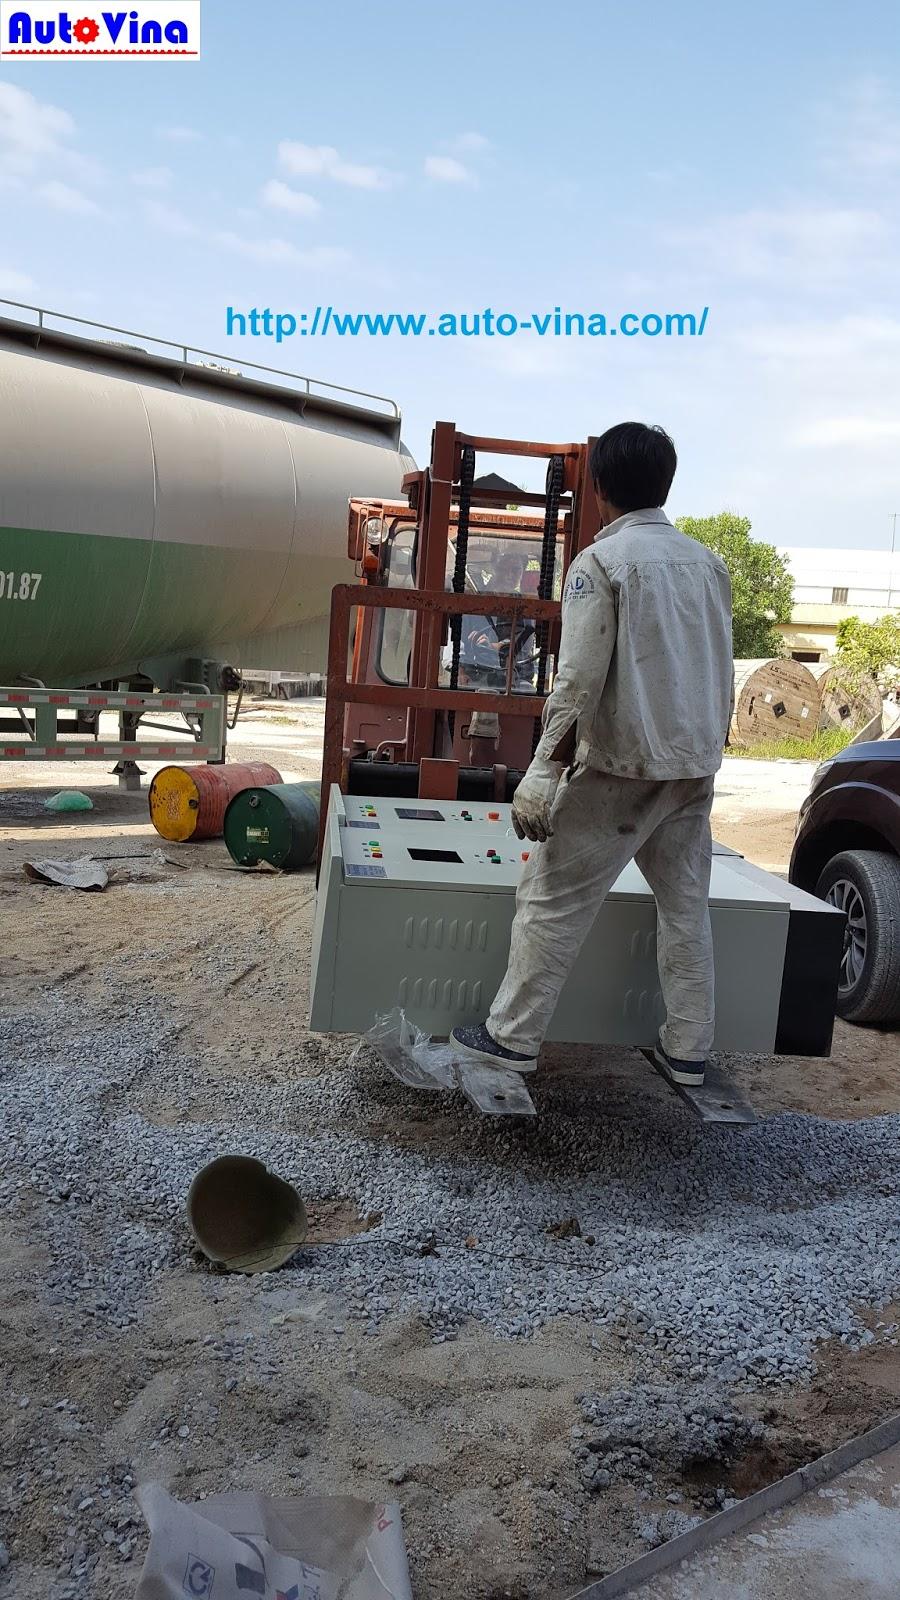 Auto Vina thi công lắp đặt tủ biến tần dàn quay ly tâm sản xuất cọc bê tông dự ứng lực